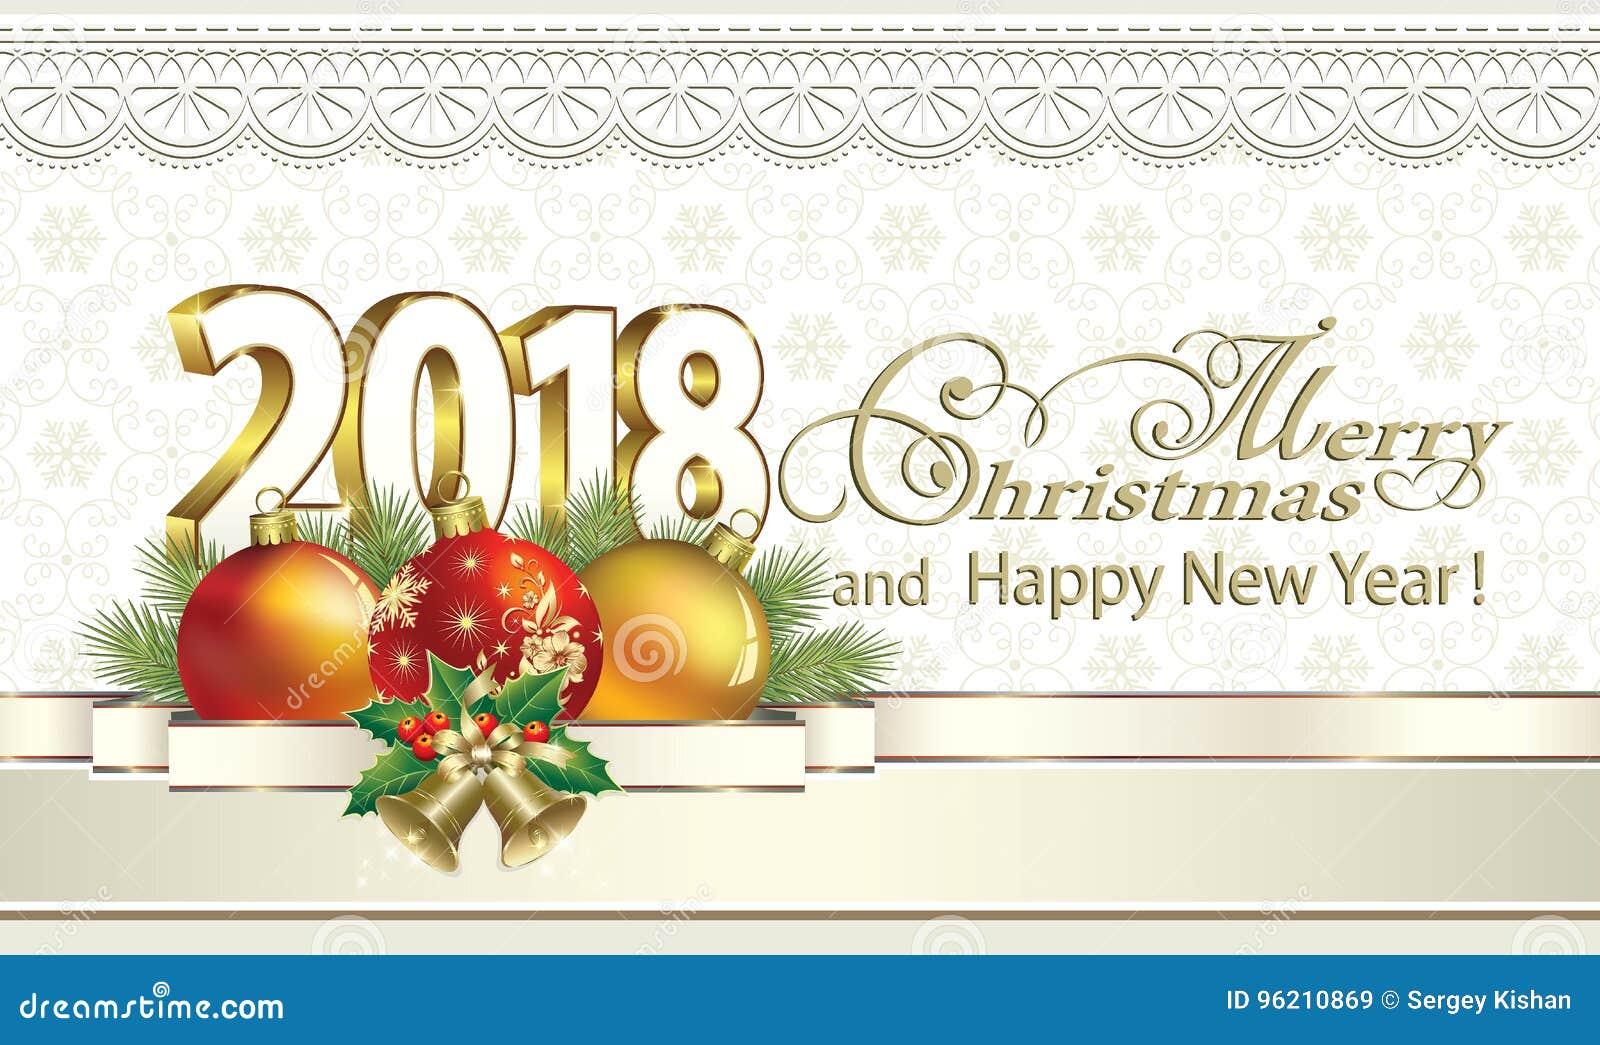 noel 2018 neige Joyeux Noël Et Bonne Année 2018 Sur Un Fond Des Flocons De Neige  noel 2018 neige